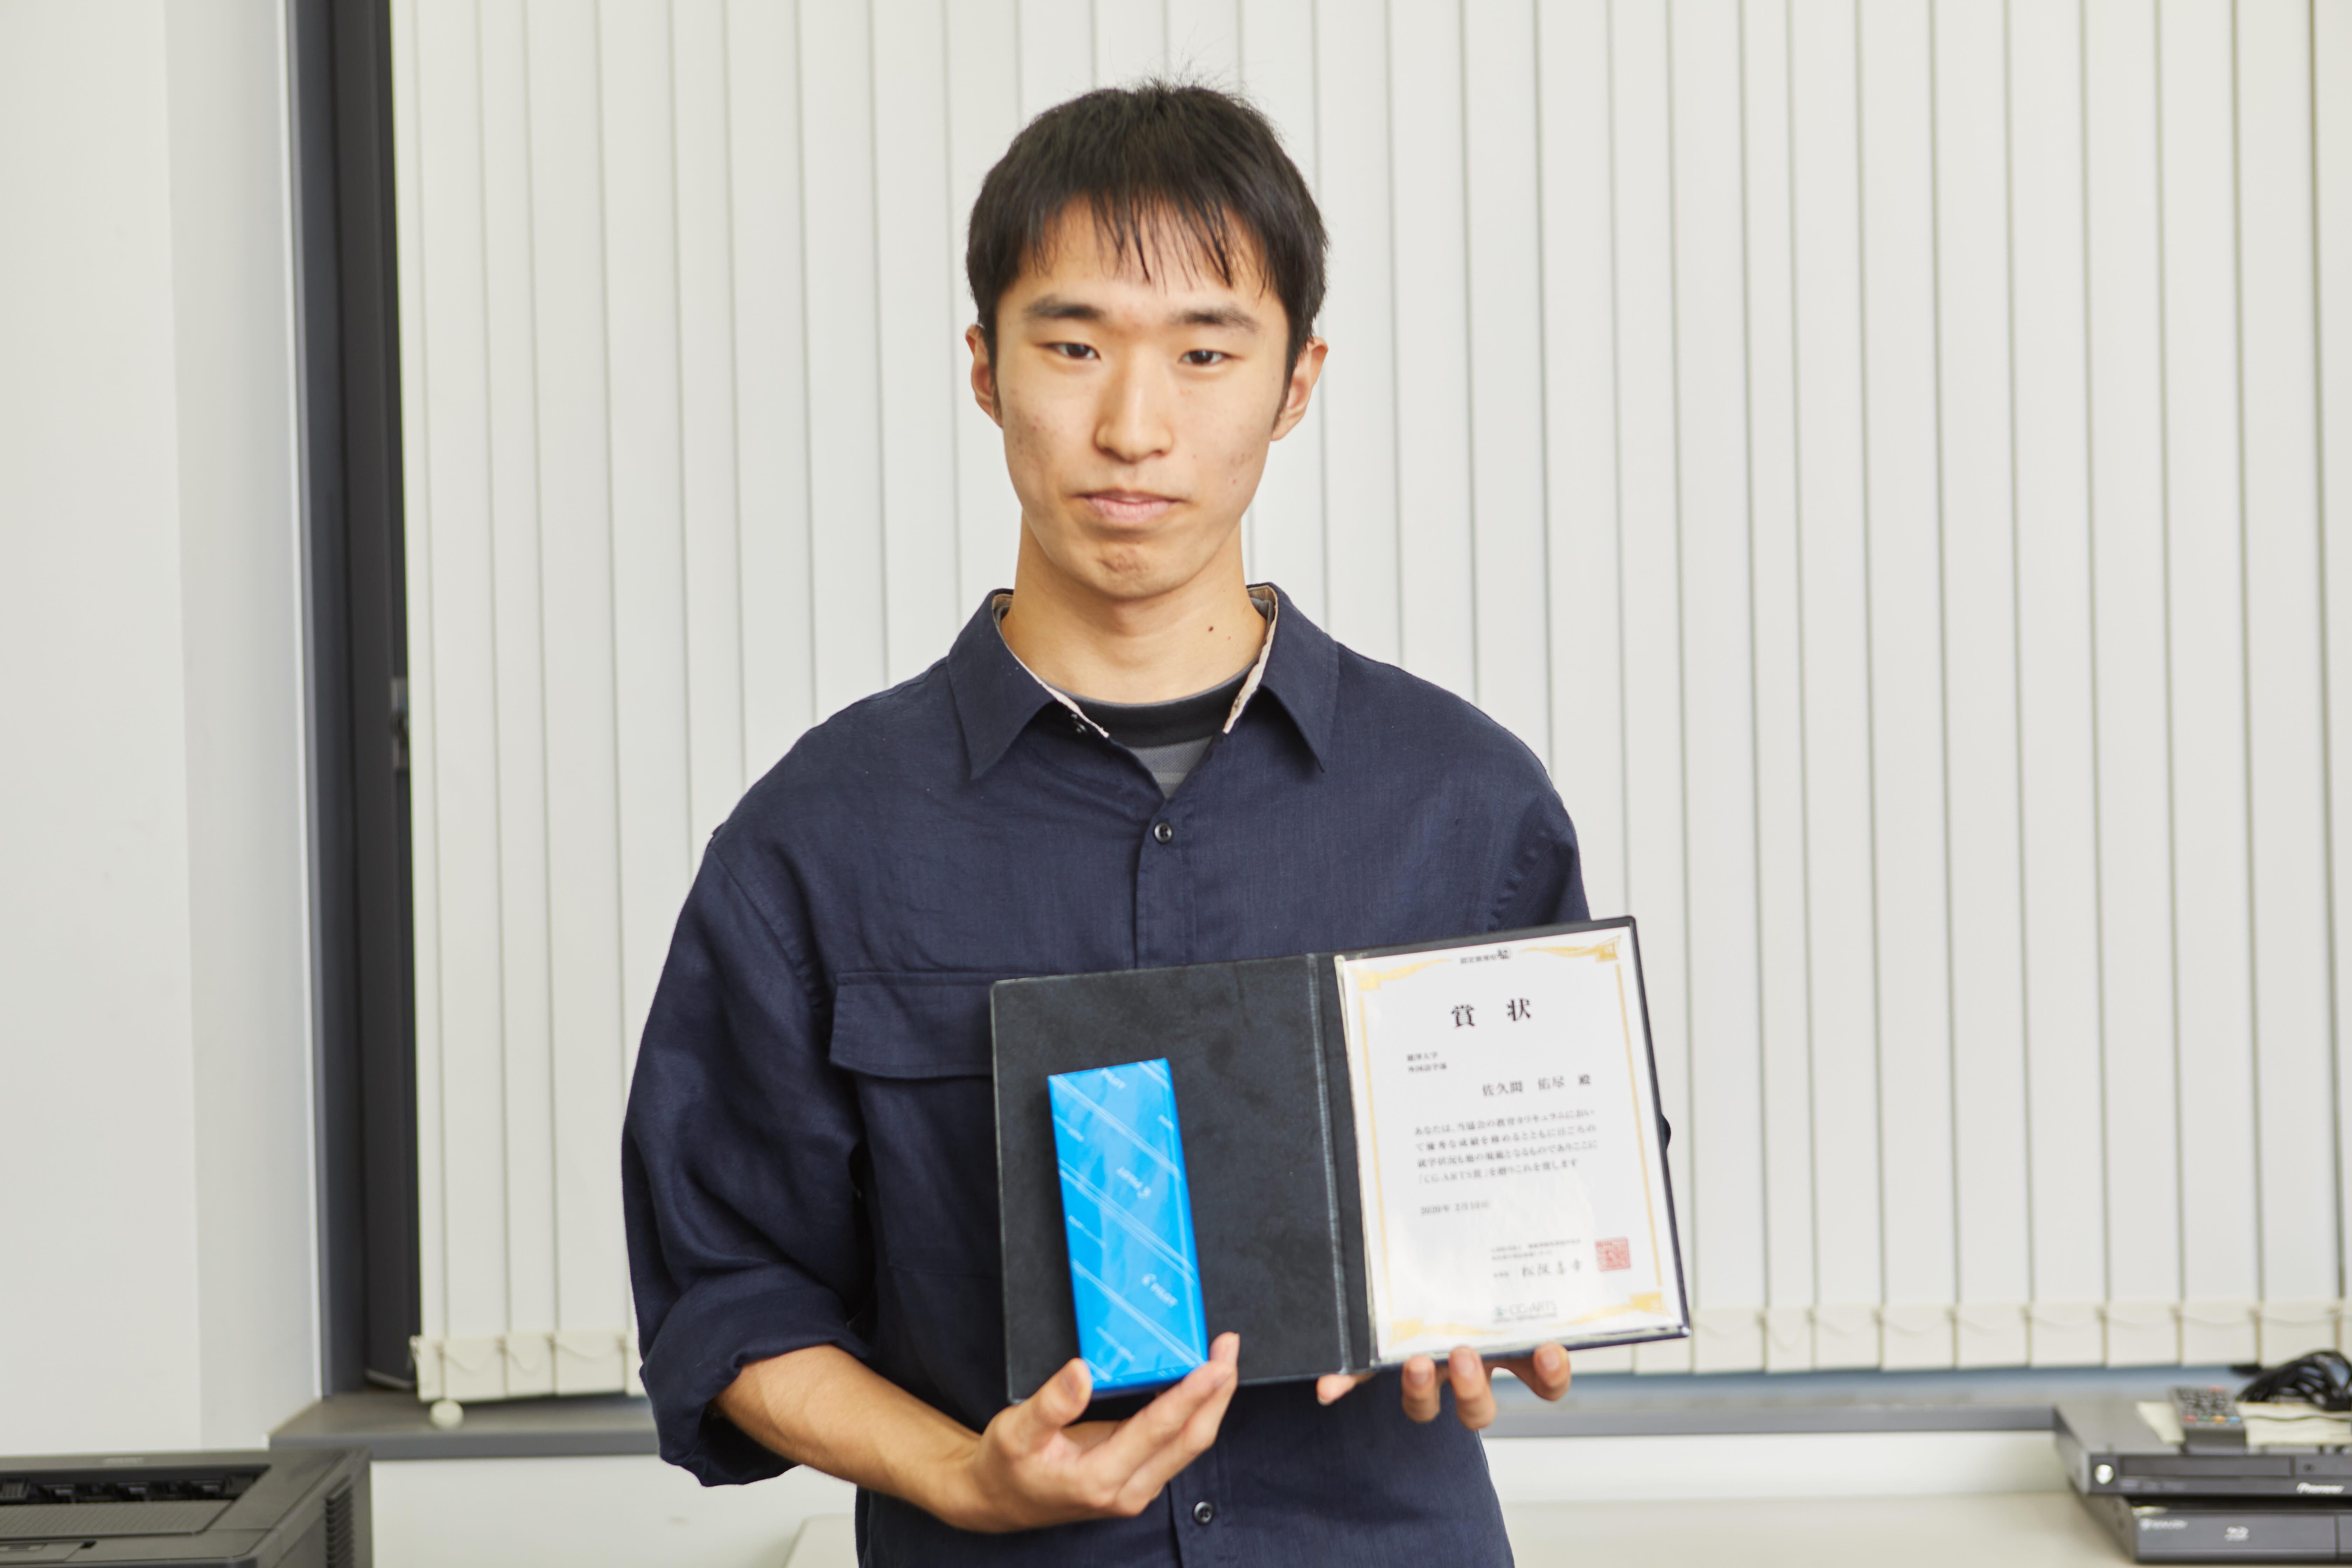 【学生の活躍】外国語学部の佐久間さんがCG-ARTS賞を受賞!